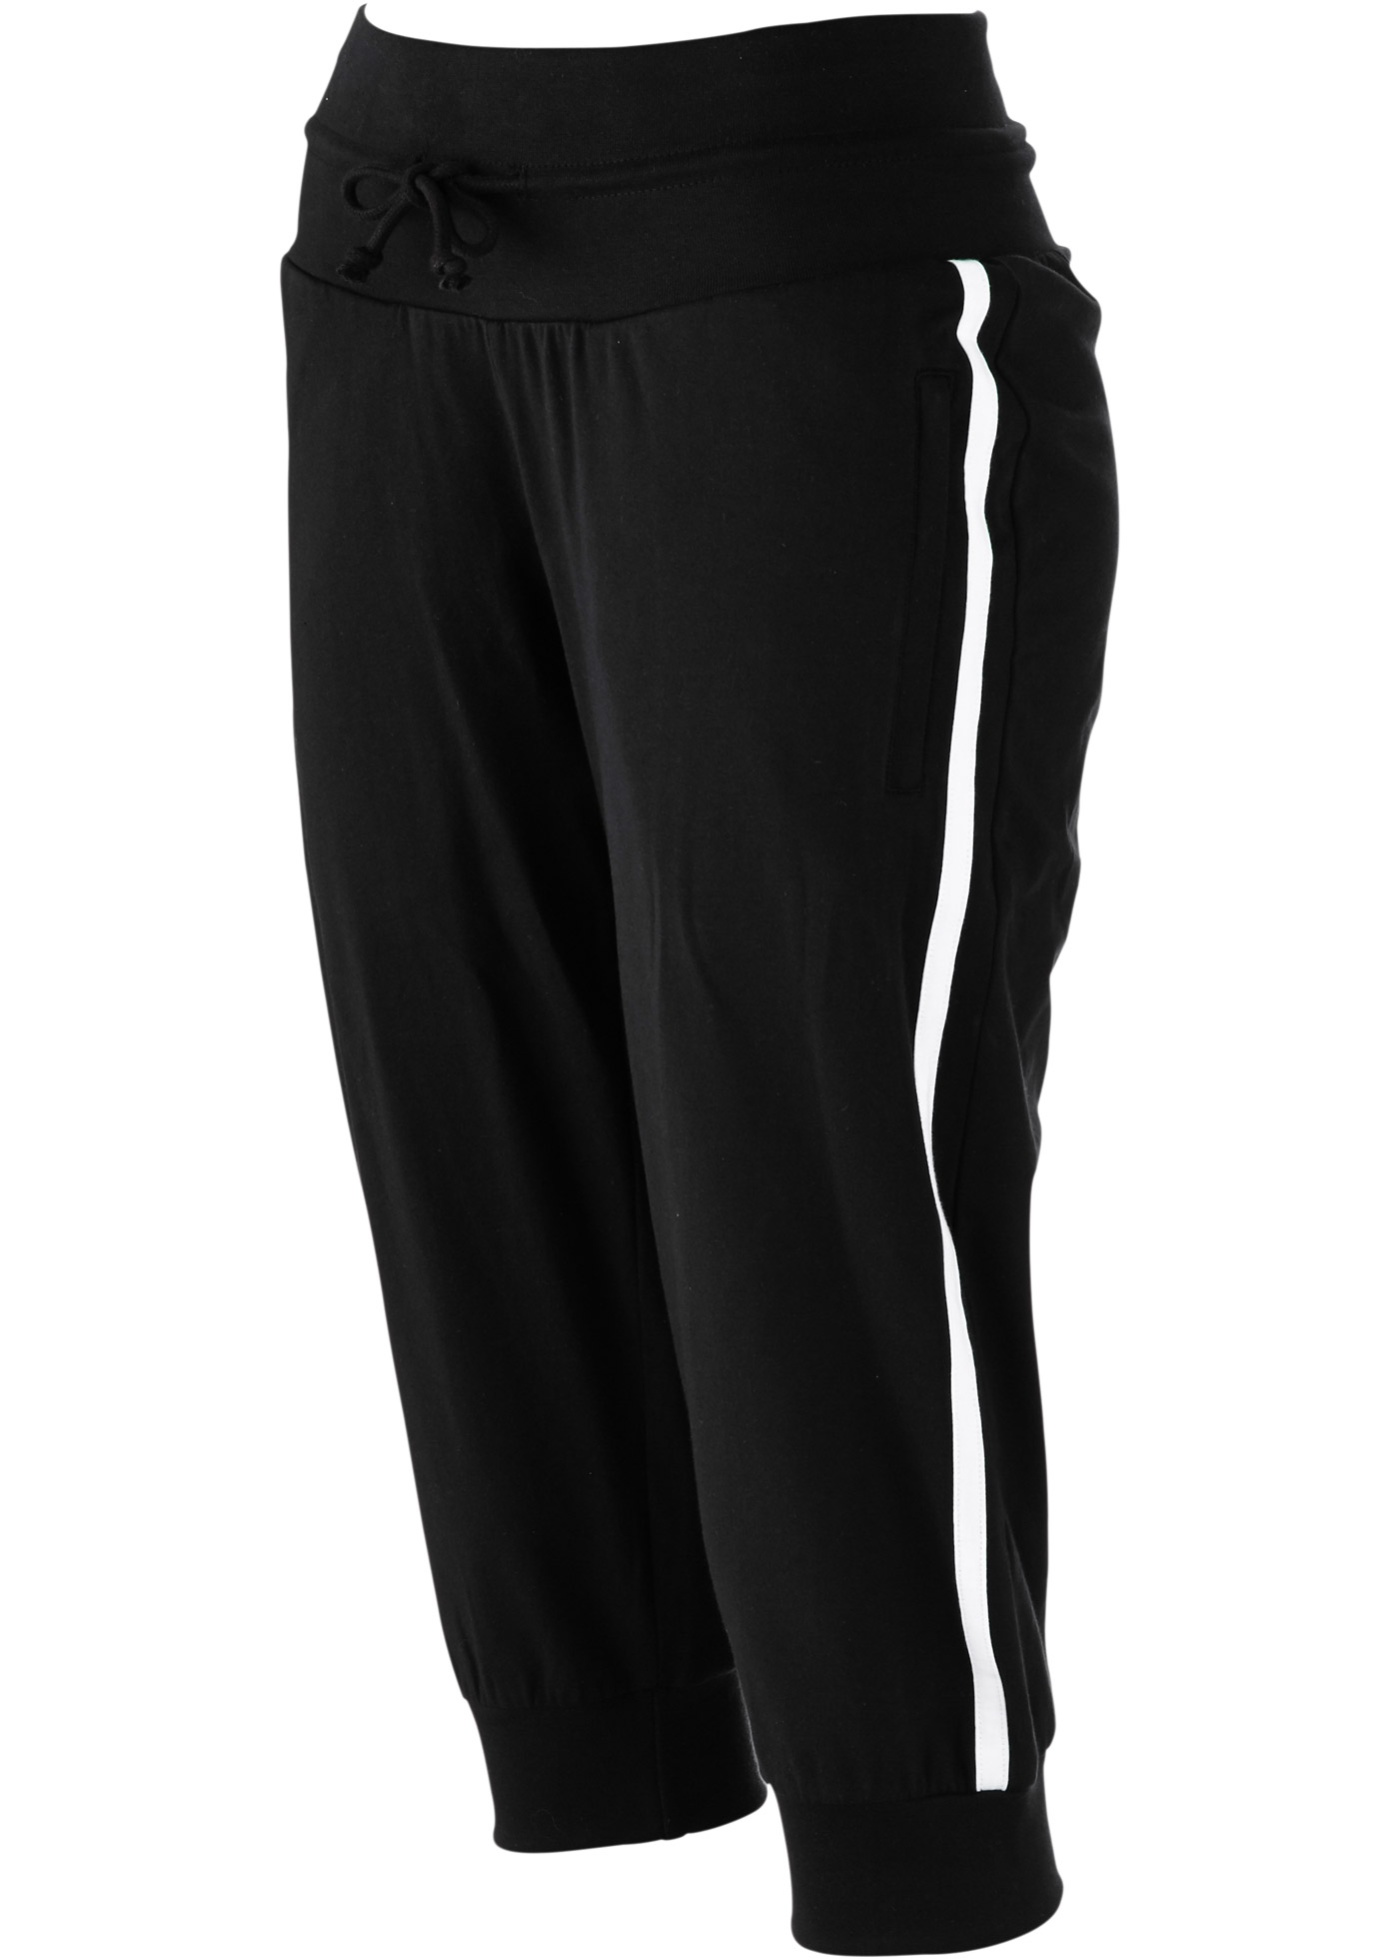 bpc bonprix collection Stretch-Sport-Knickerbocker in schwarz von bonprix Damenmode > Damenbekleidung > Hosen > Jogginghosen